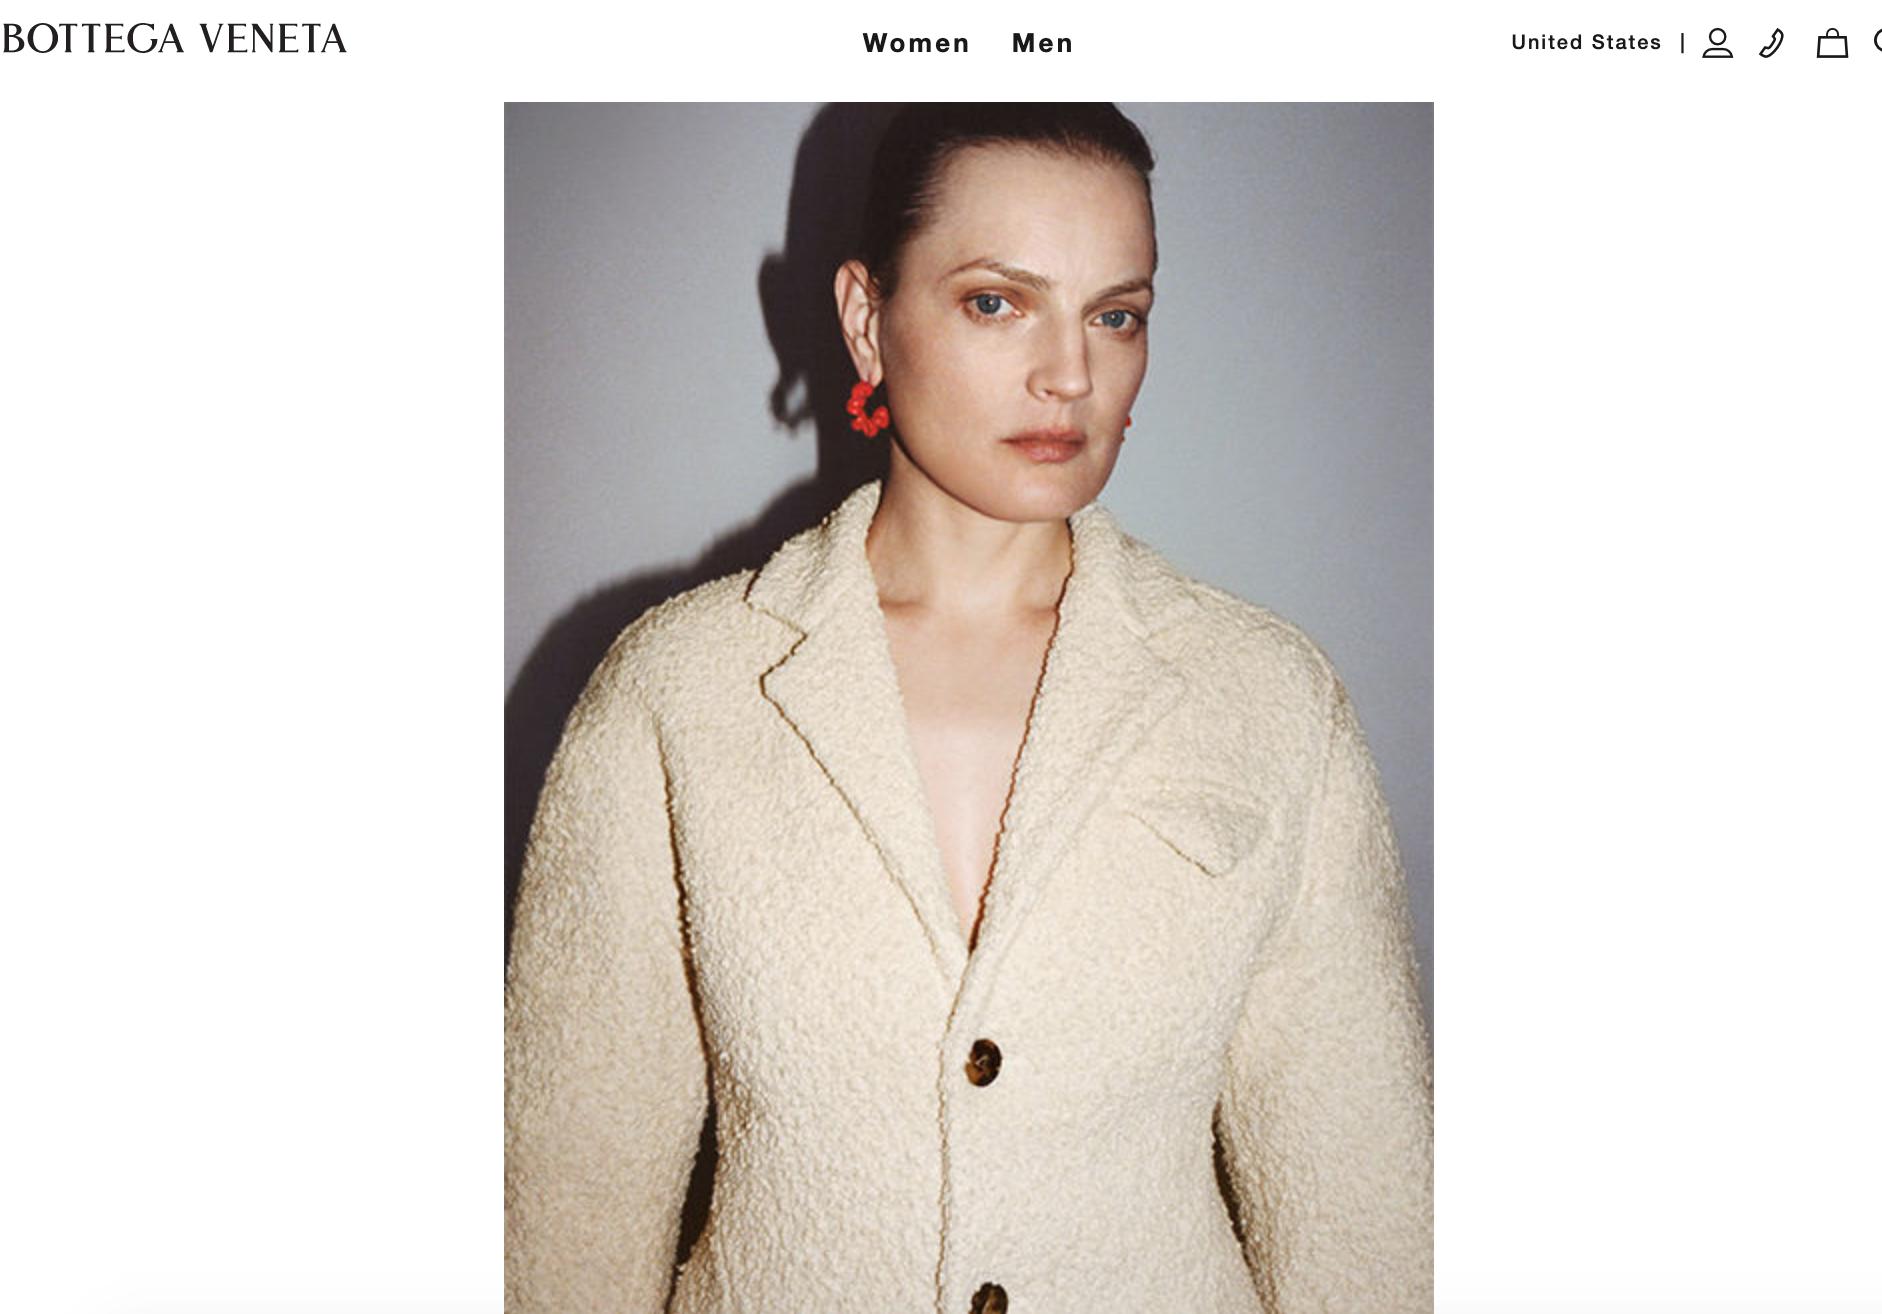 Bottega Veneta 关闭社交媒体账号,底气何来?